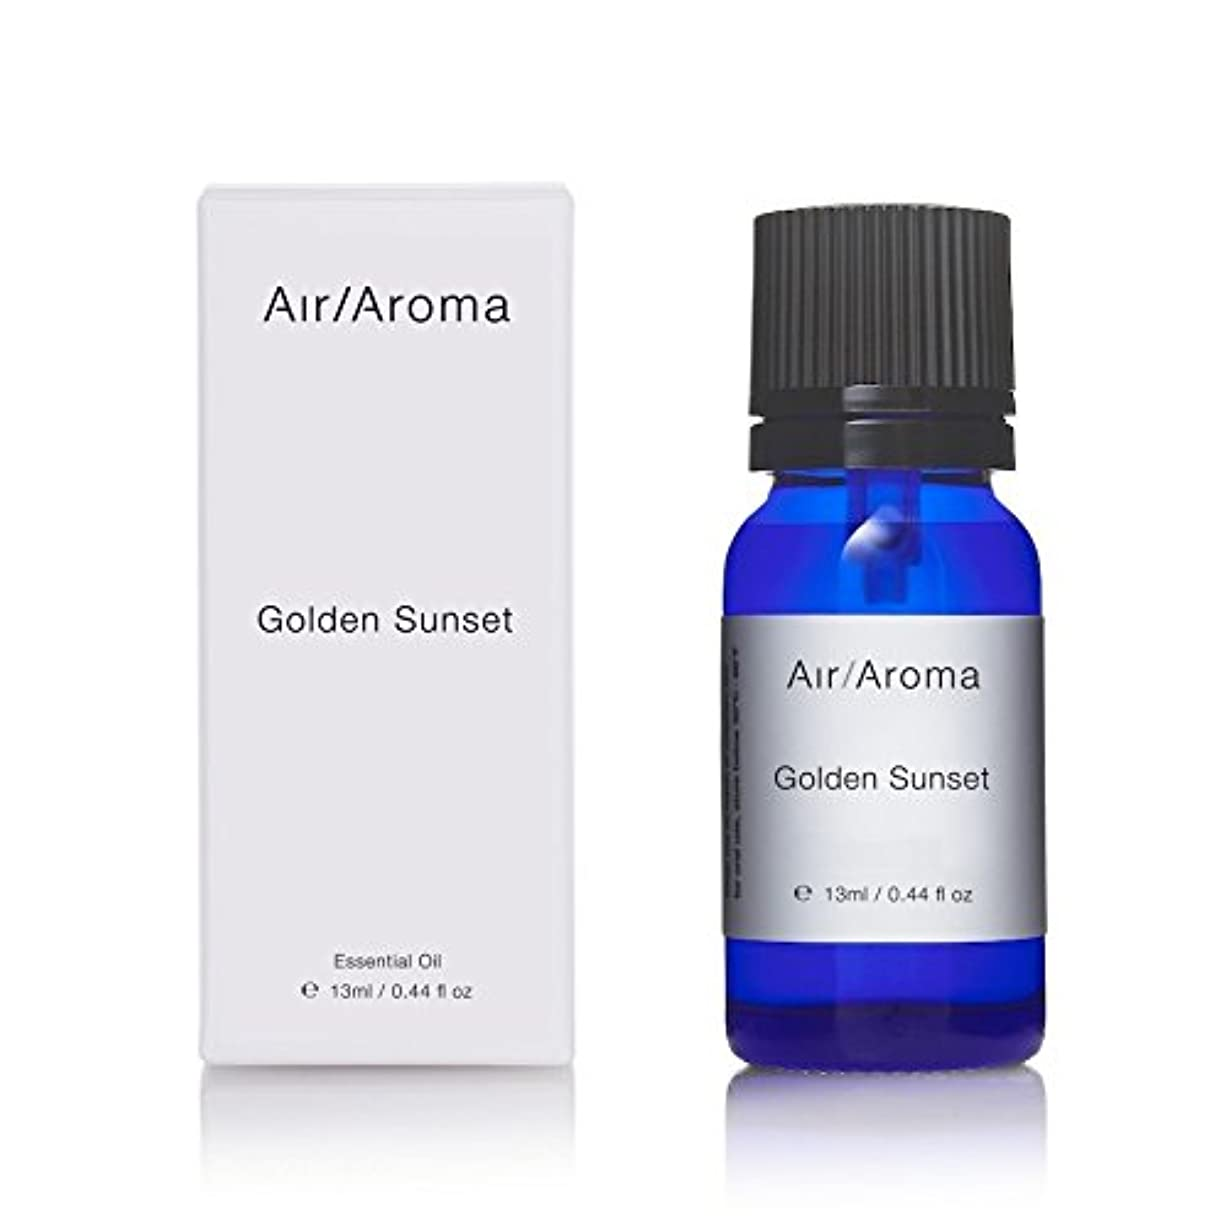 シンポジウム説教する顎エアアロマ golden sunset (ゴールデンサンセット) 13ml